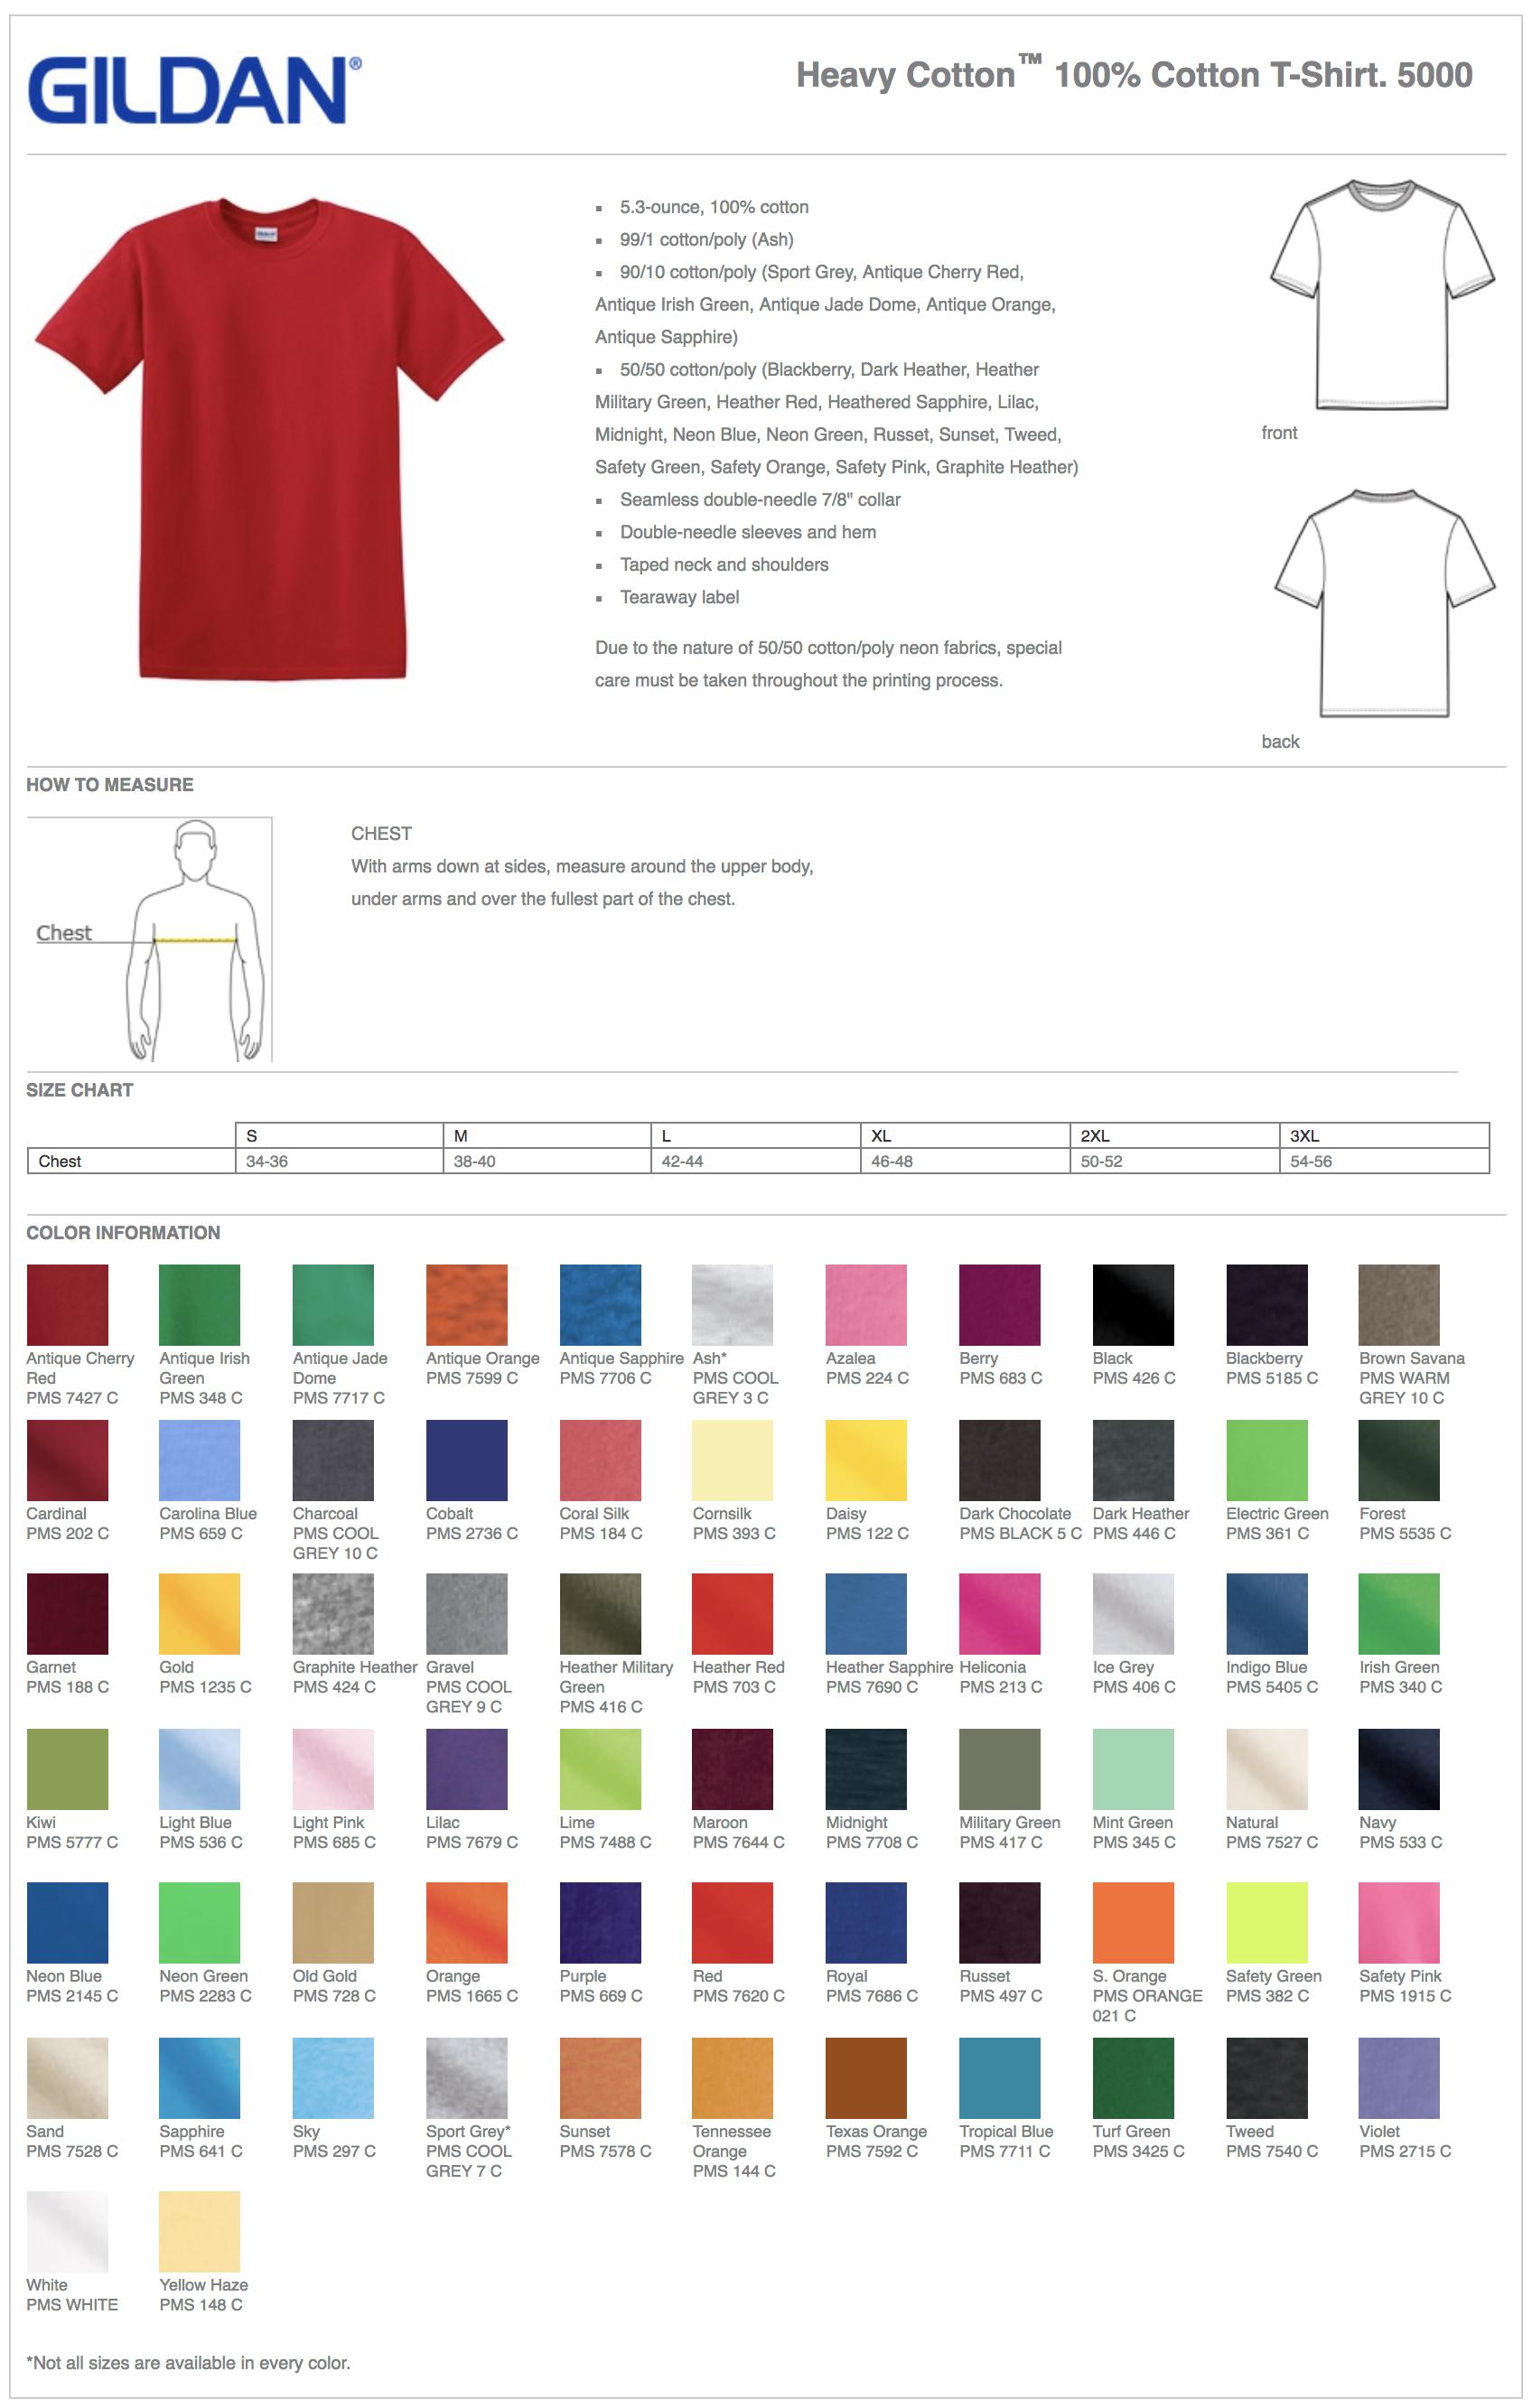 Gildan 5000 Custom T-Shirts